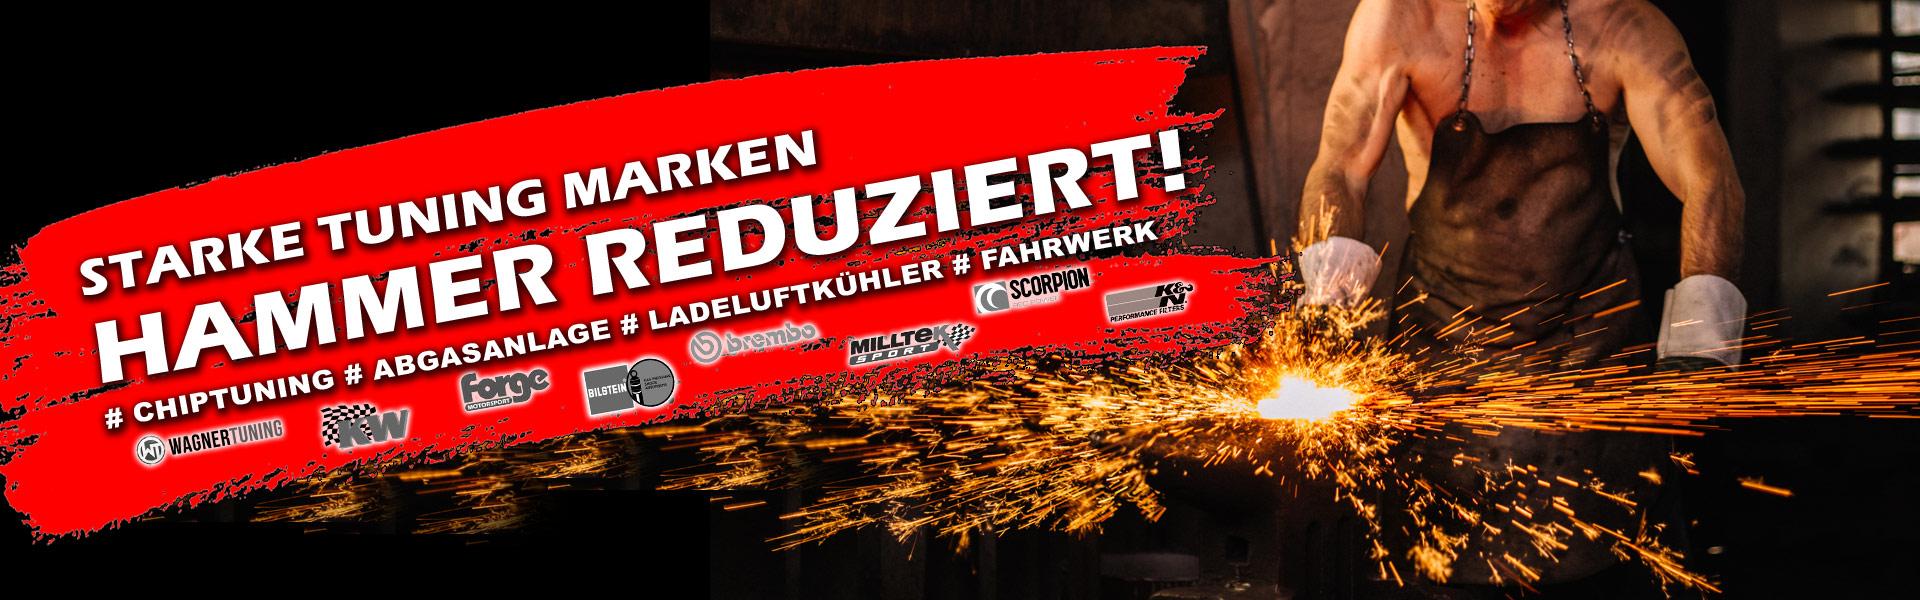 STARKE TUNING MARKEN - HAMMER REDUZIERT!